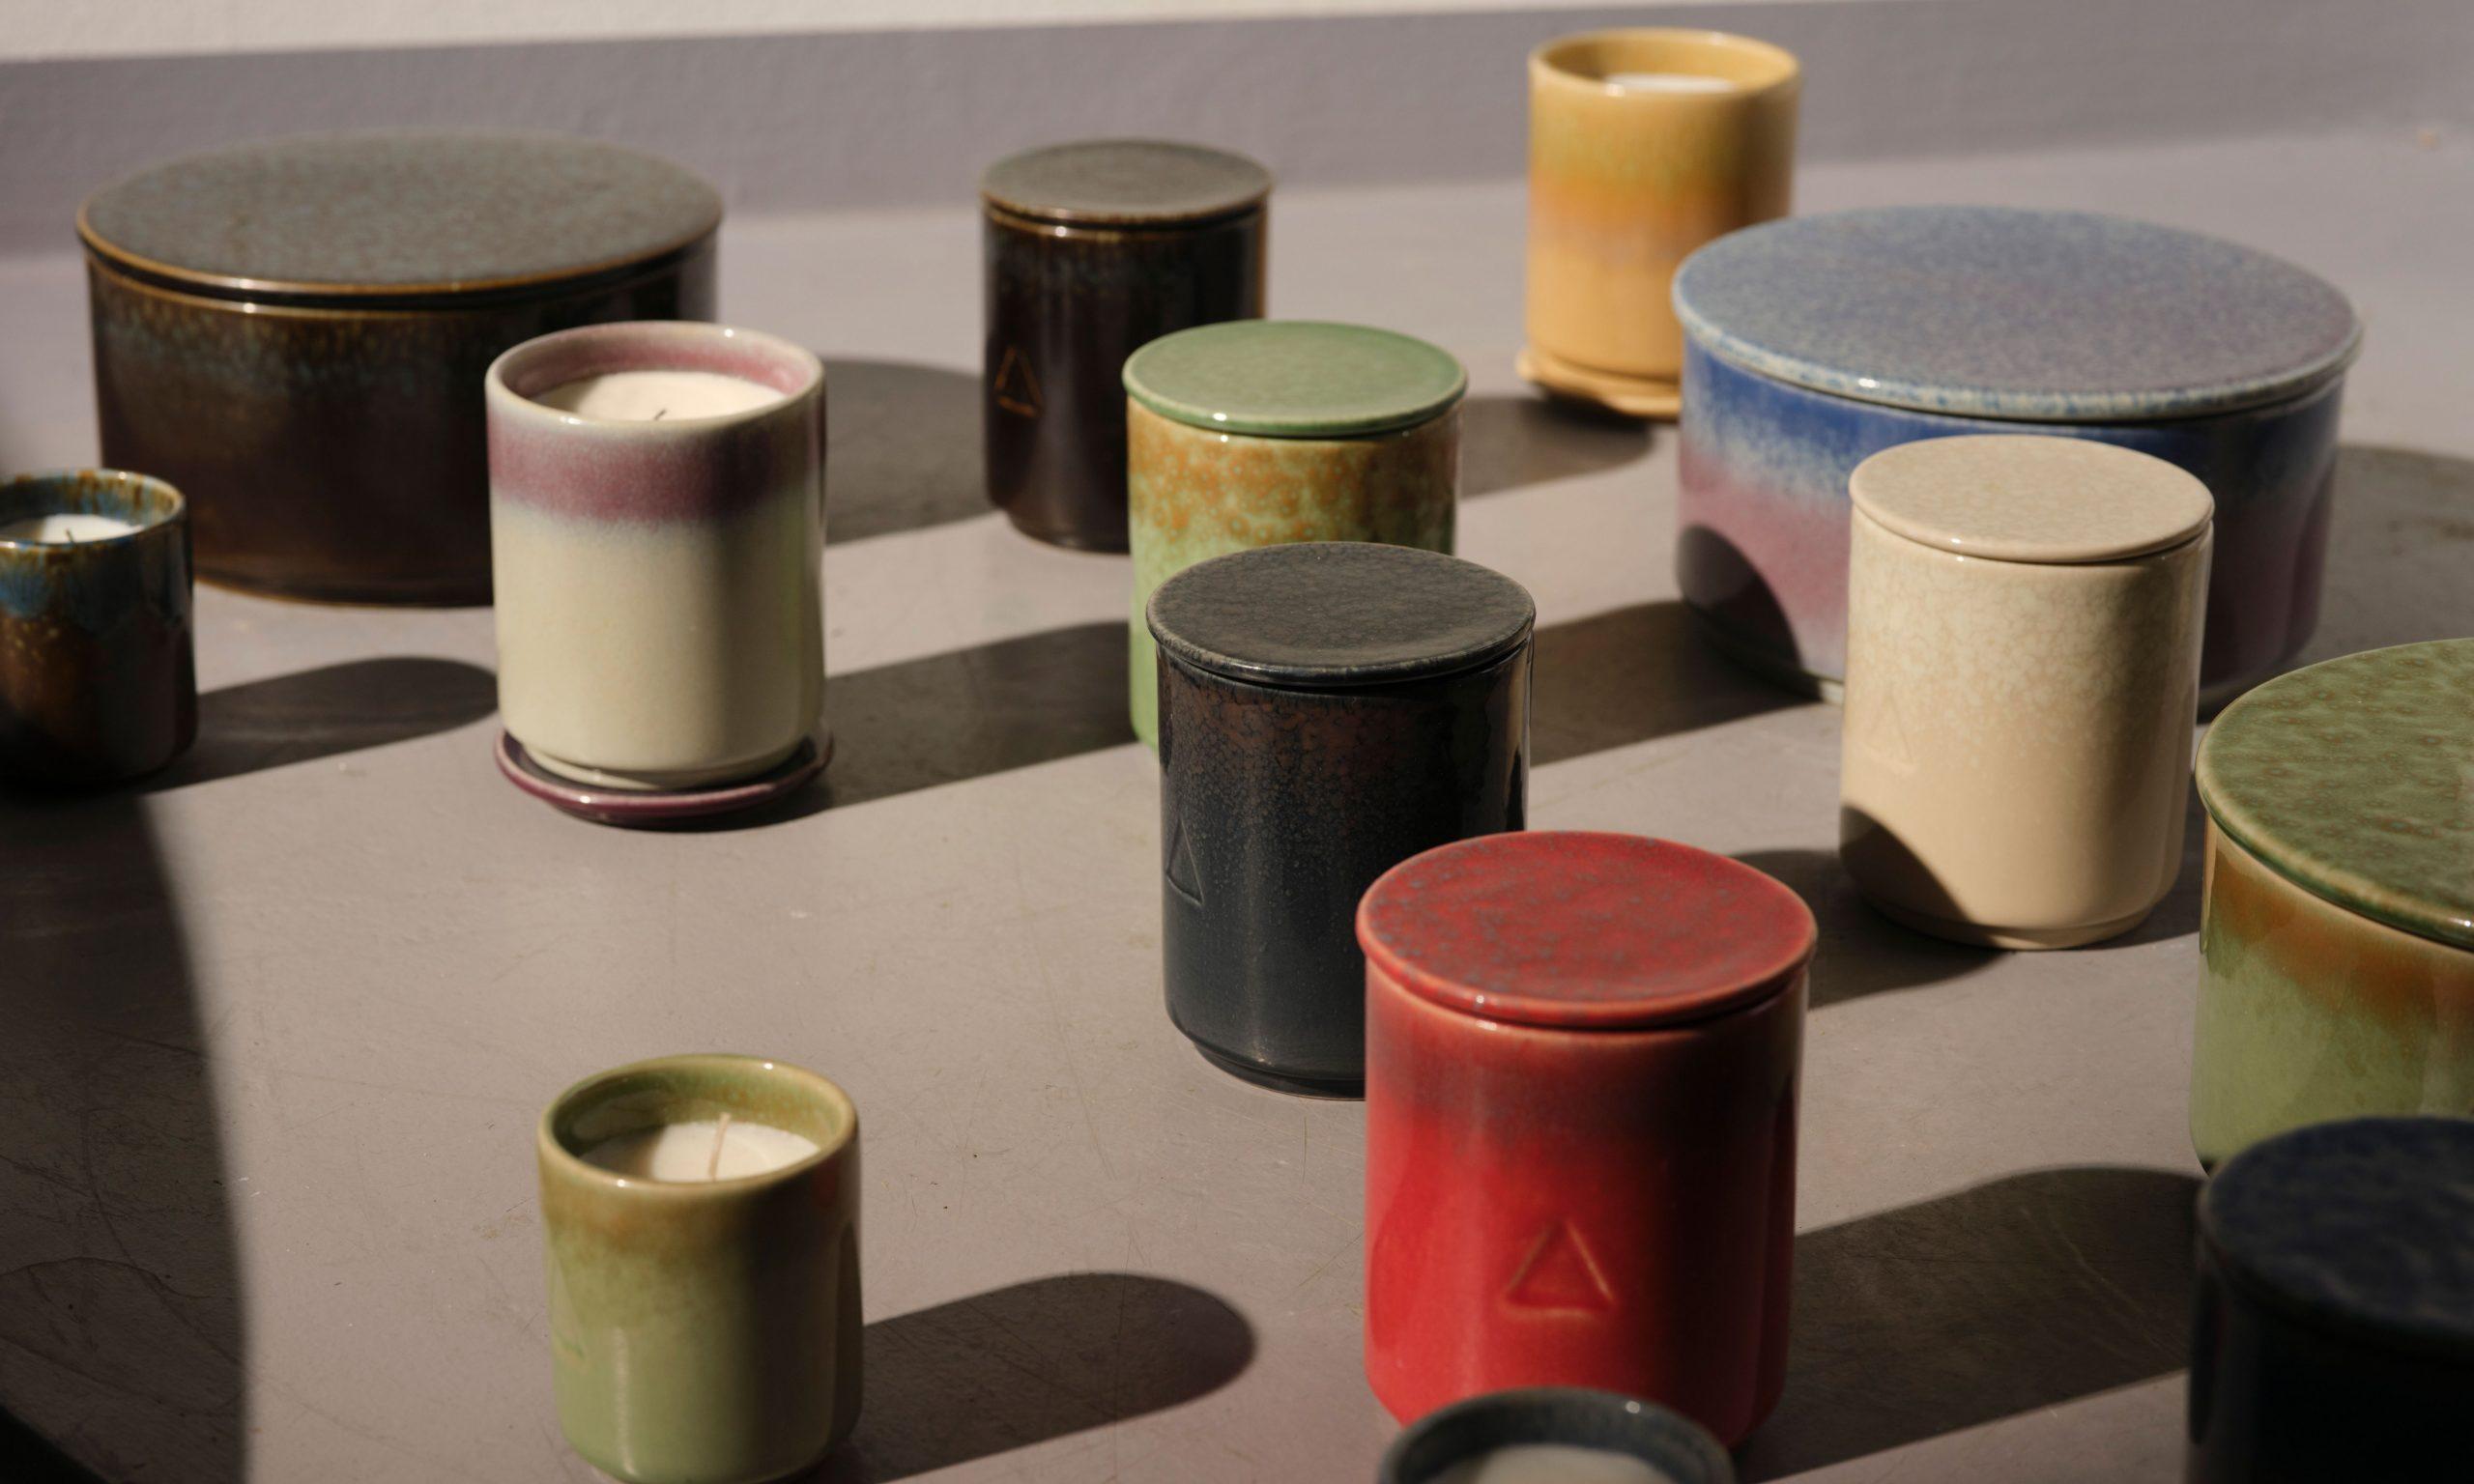 IKEA 与 BYREDO 创始人 Ben Gorham 联袂打造 OSYNLIG 香薰